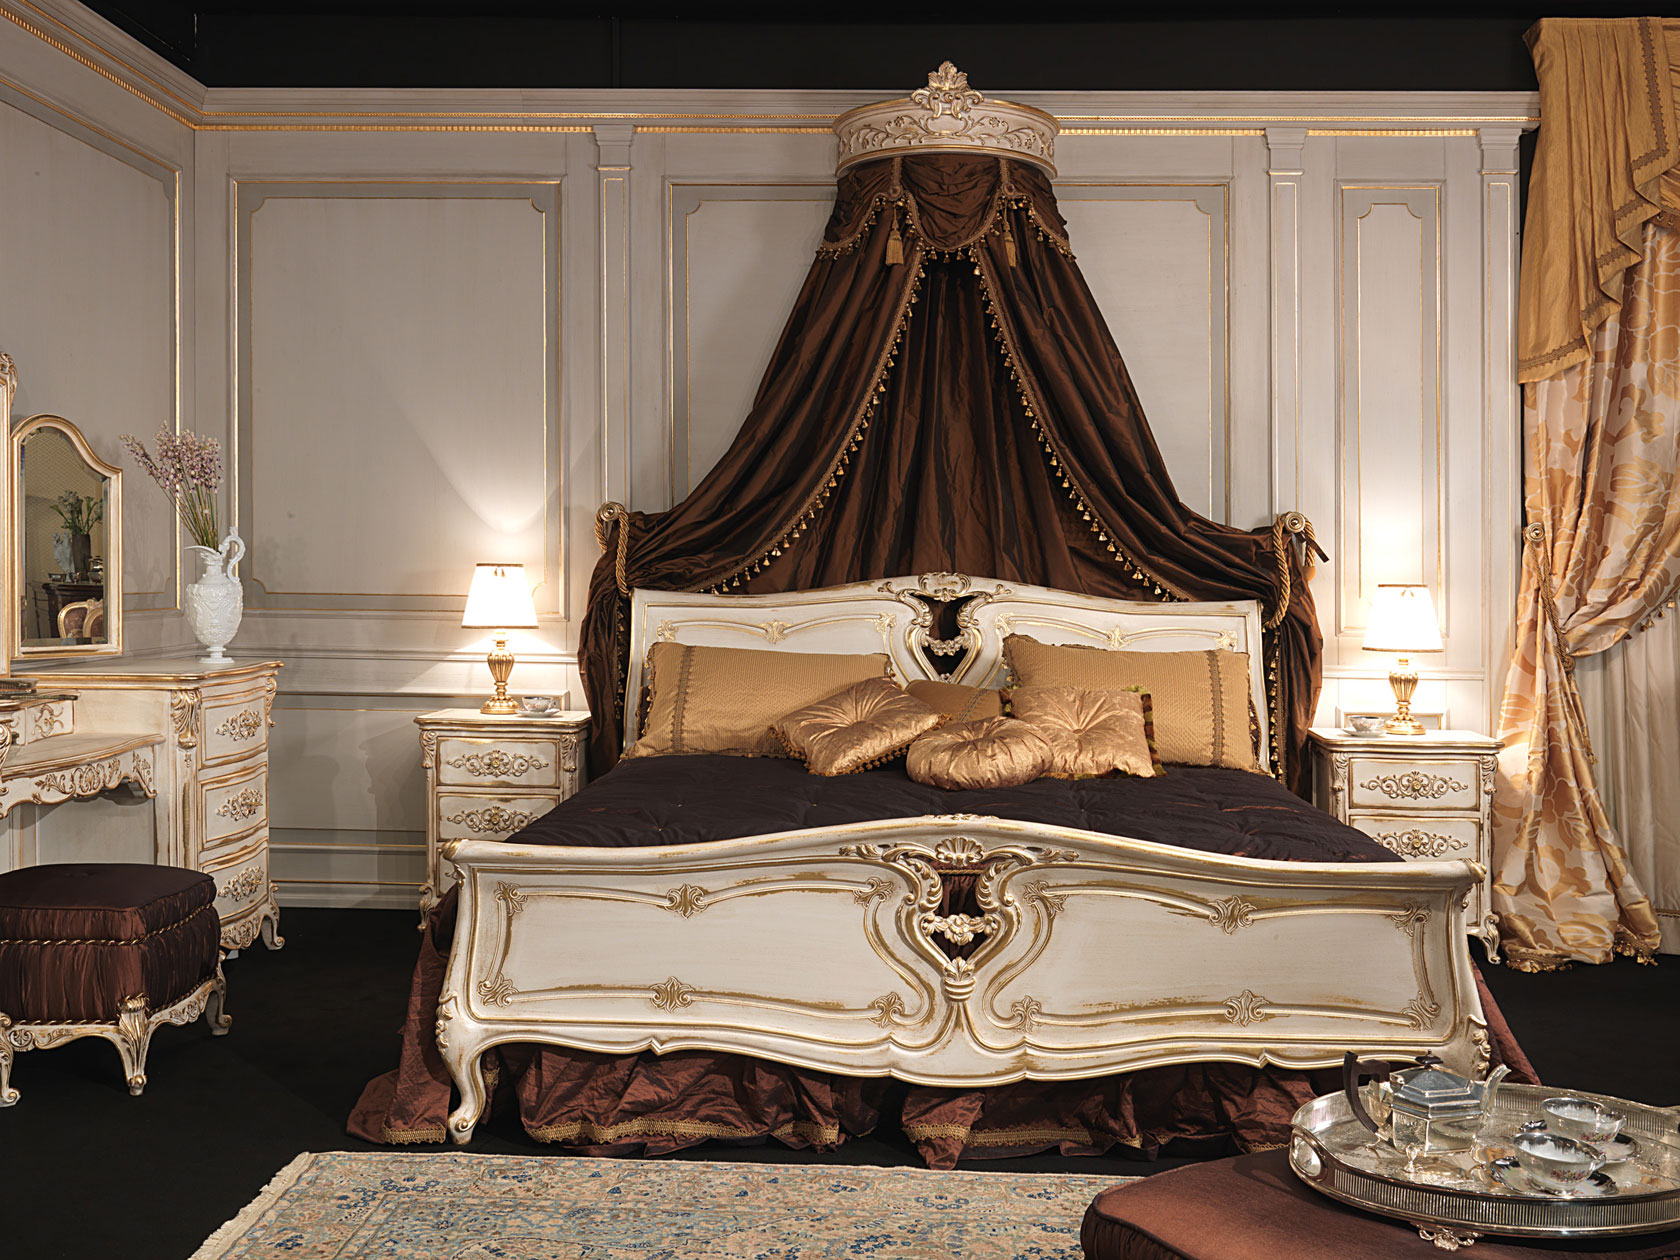 Camera da letto in stile Luigi XVI, letto in legno intagliato con baldacchino a parete, comodini ...